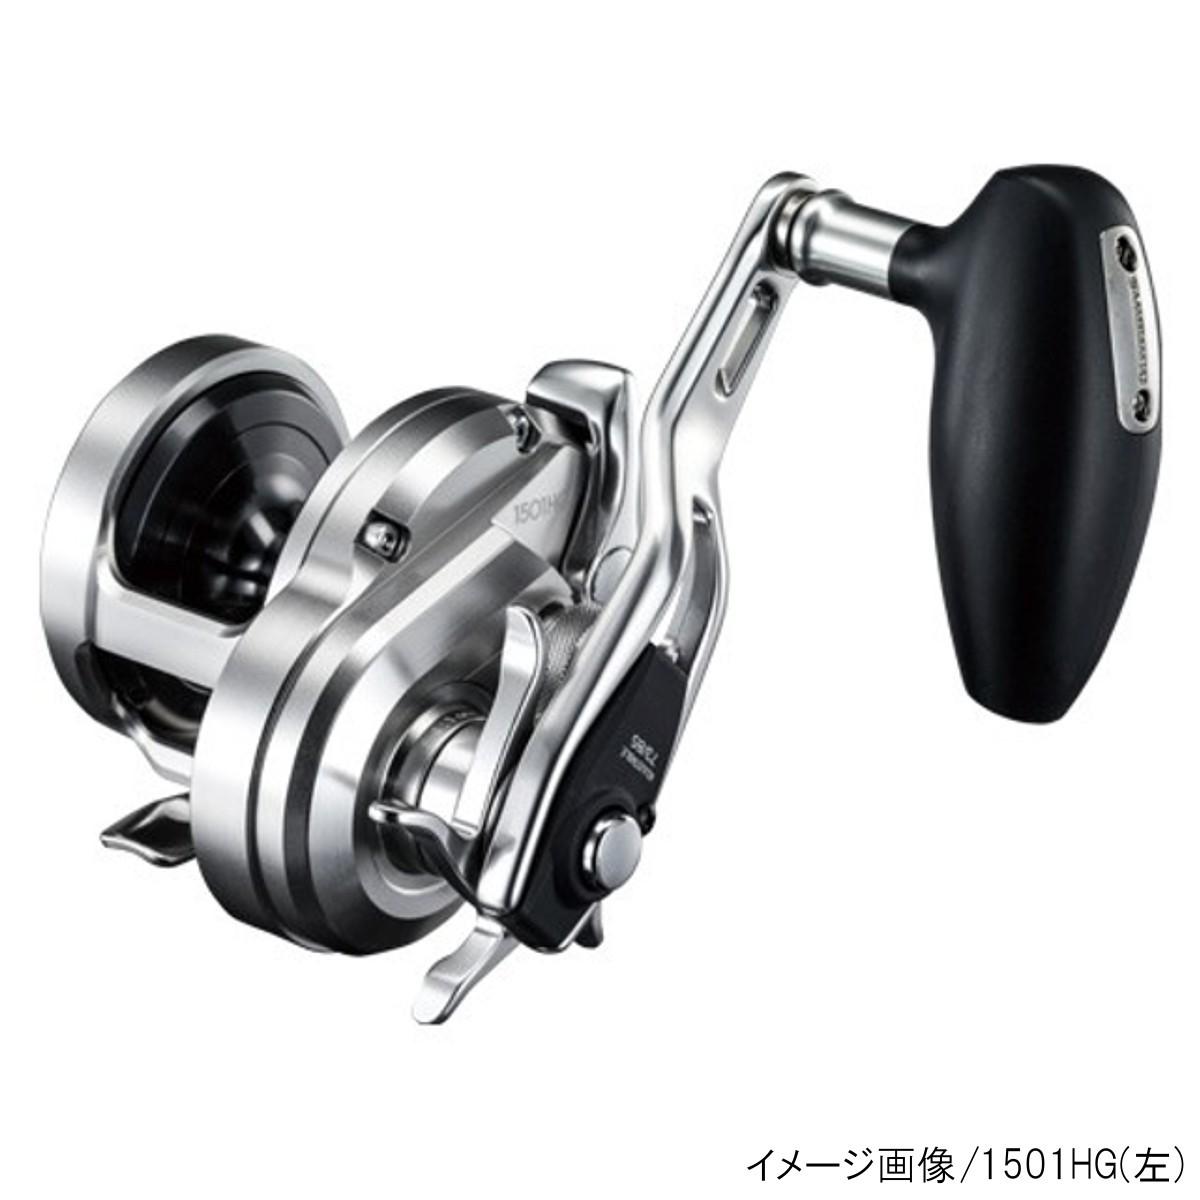 シマノ オシアジガー 1501PG(左)